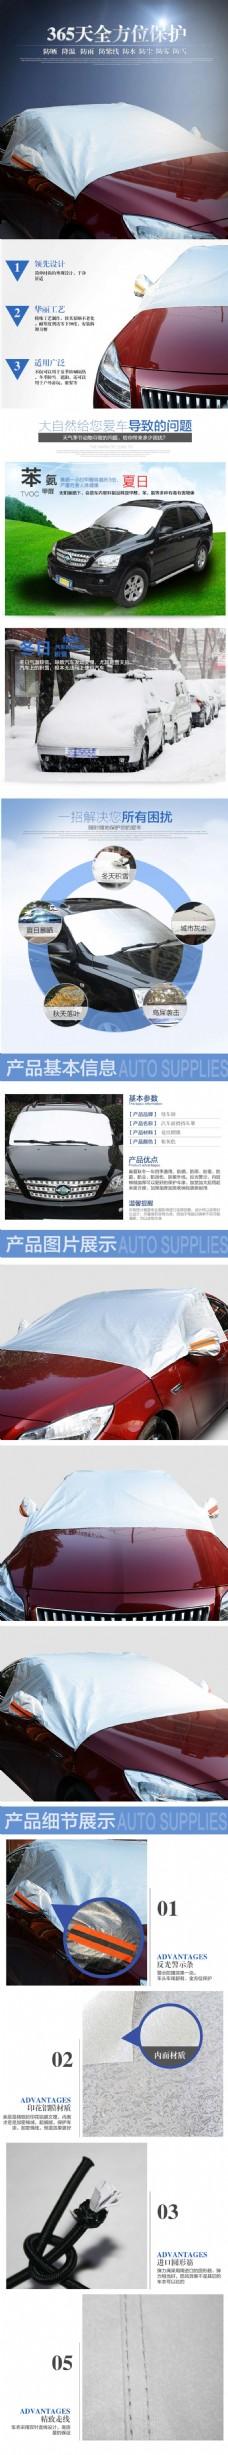 汽车用品详情页ideapie (15)